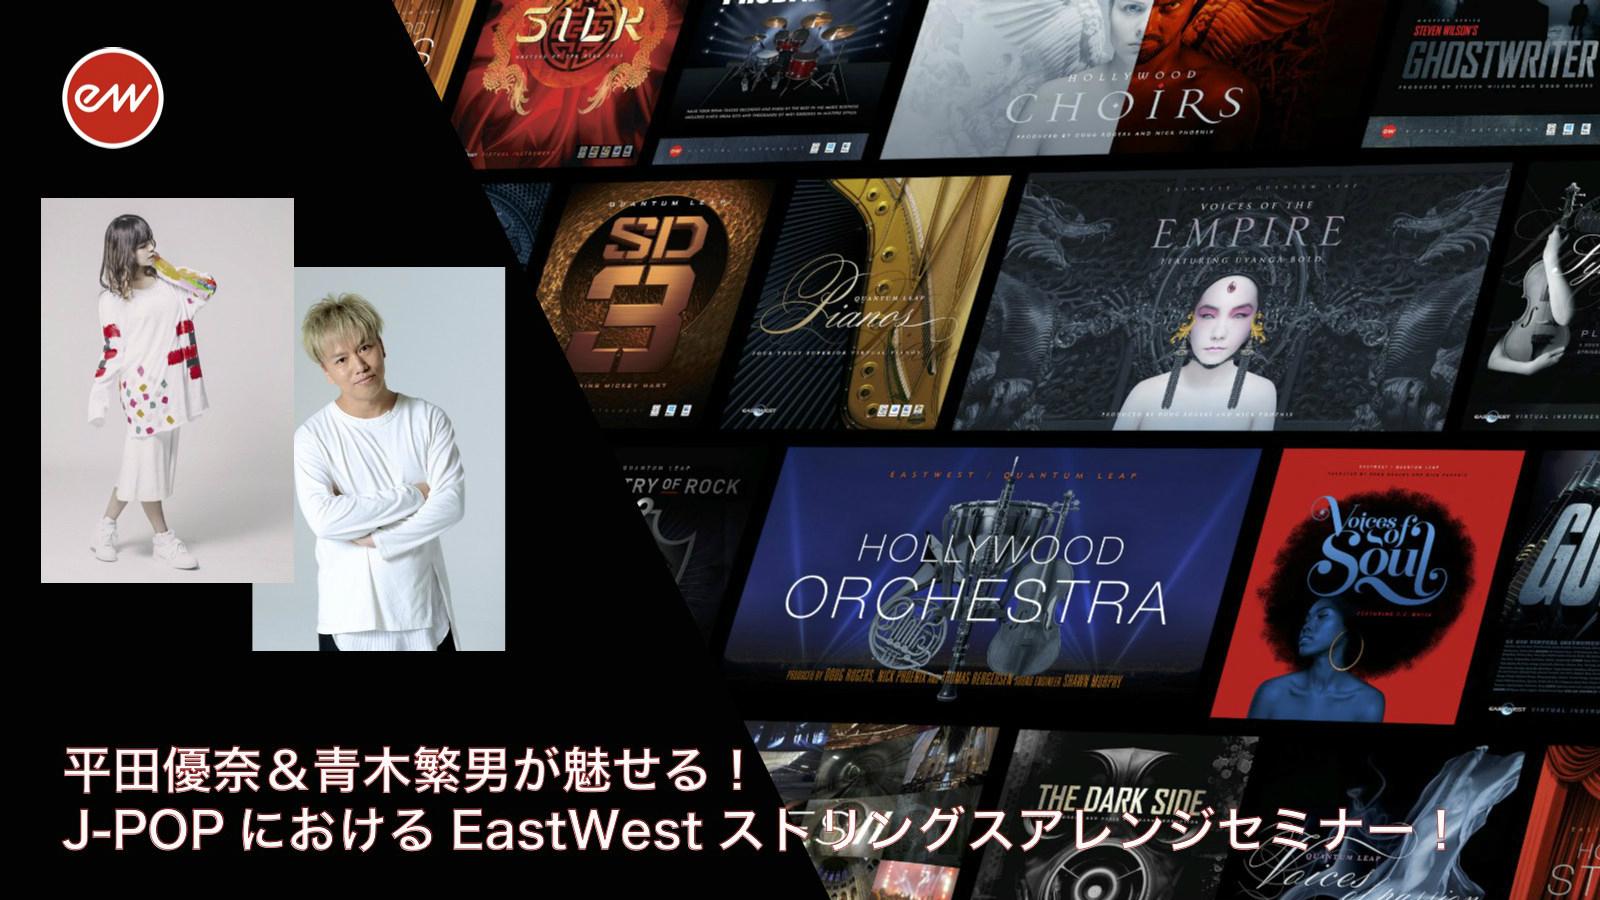 終了しました】平田優奈&青木繁男が魅せる!!JPOPにおける、EASTWEST ...